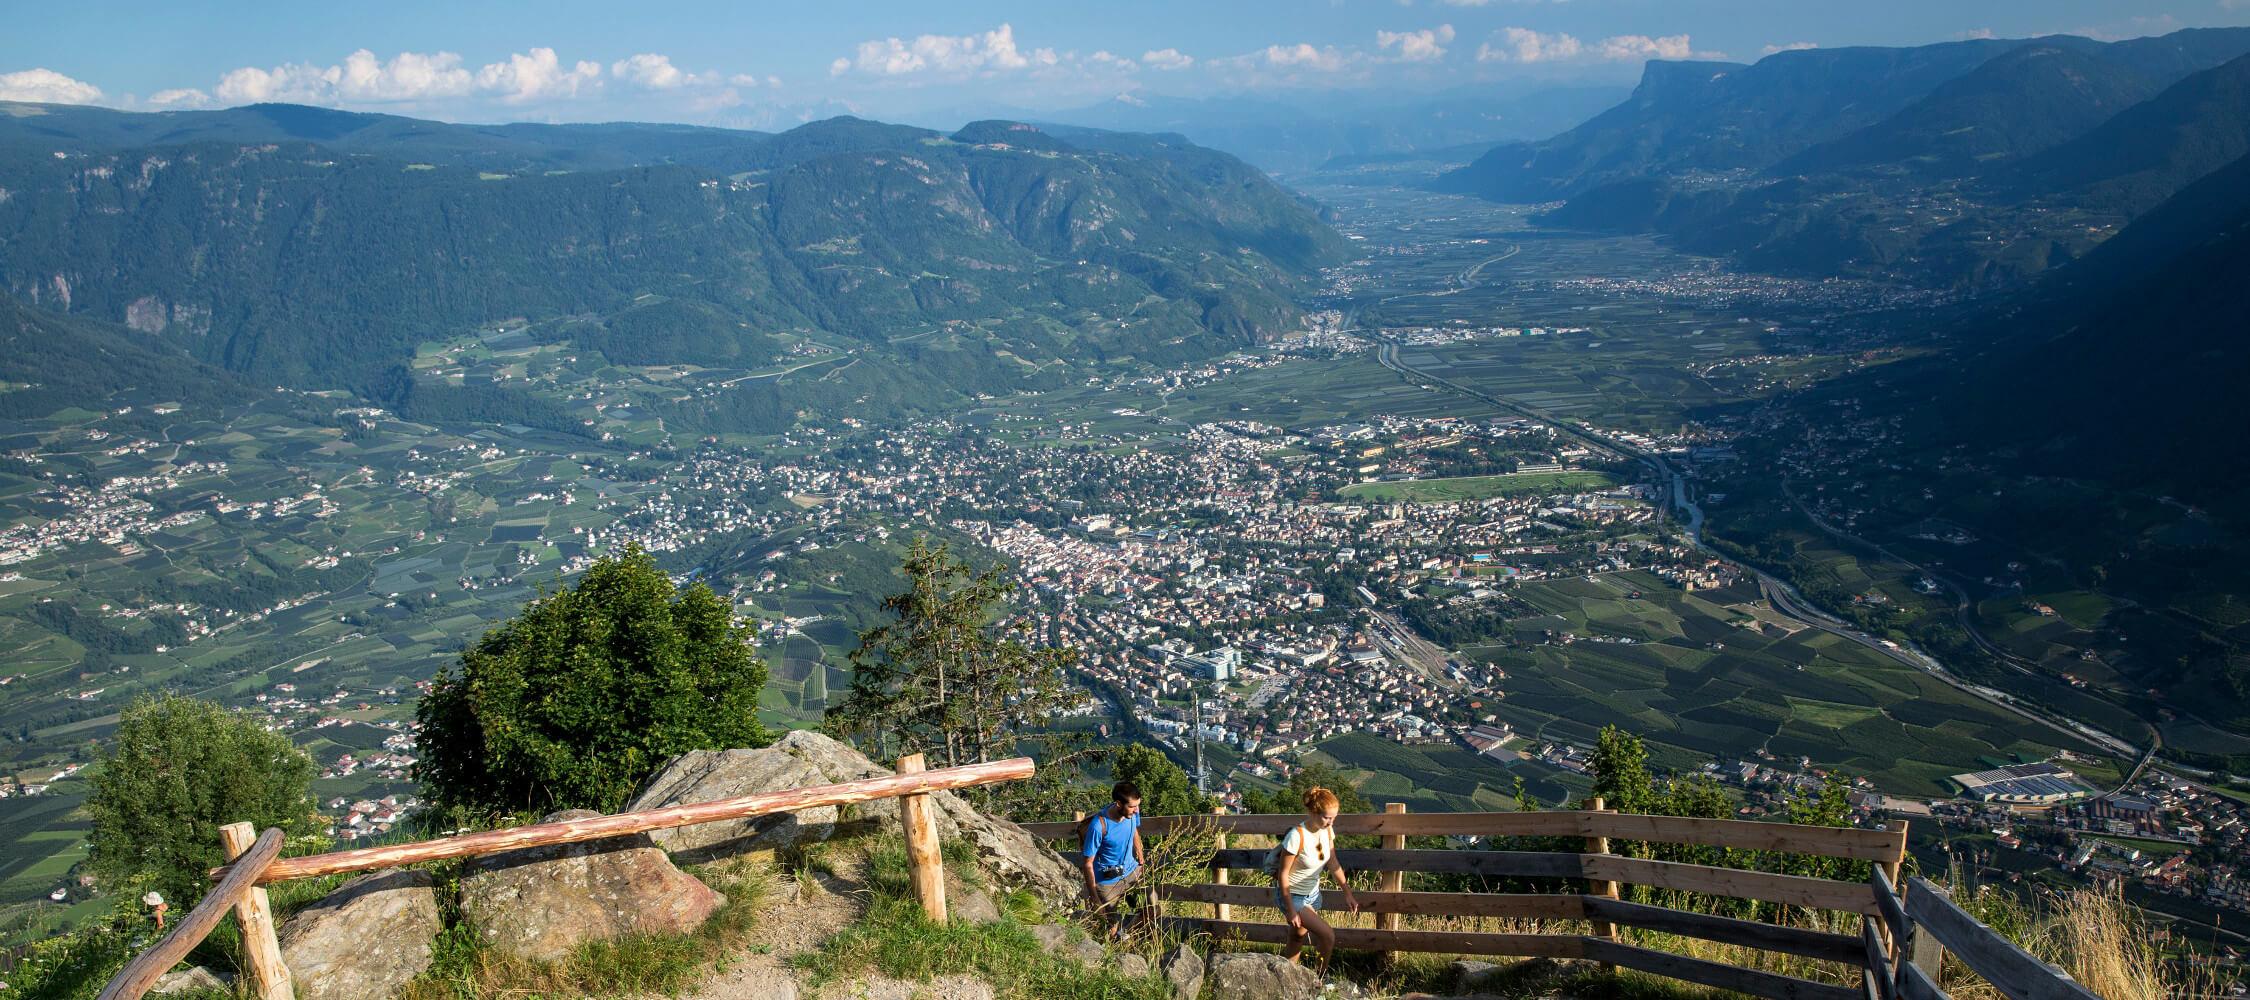 Italien-Trentino_Suedtirol_Alto_Adige_Merano_Meran_Natur_Sport_Sommer_Wandern_Berg_Hoehenweg_MGM-Damian-Lukas-Pertoll_mgm01227mgm_2250x1000